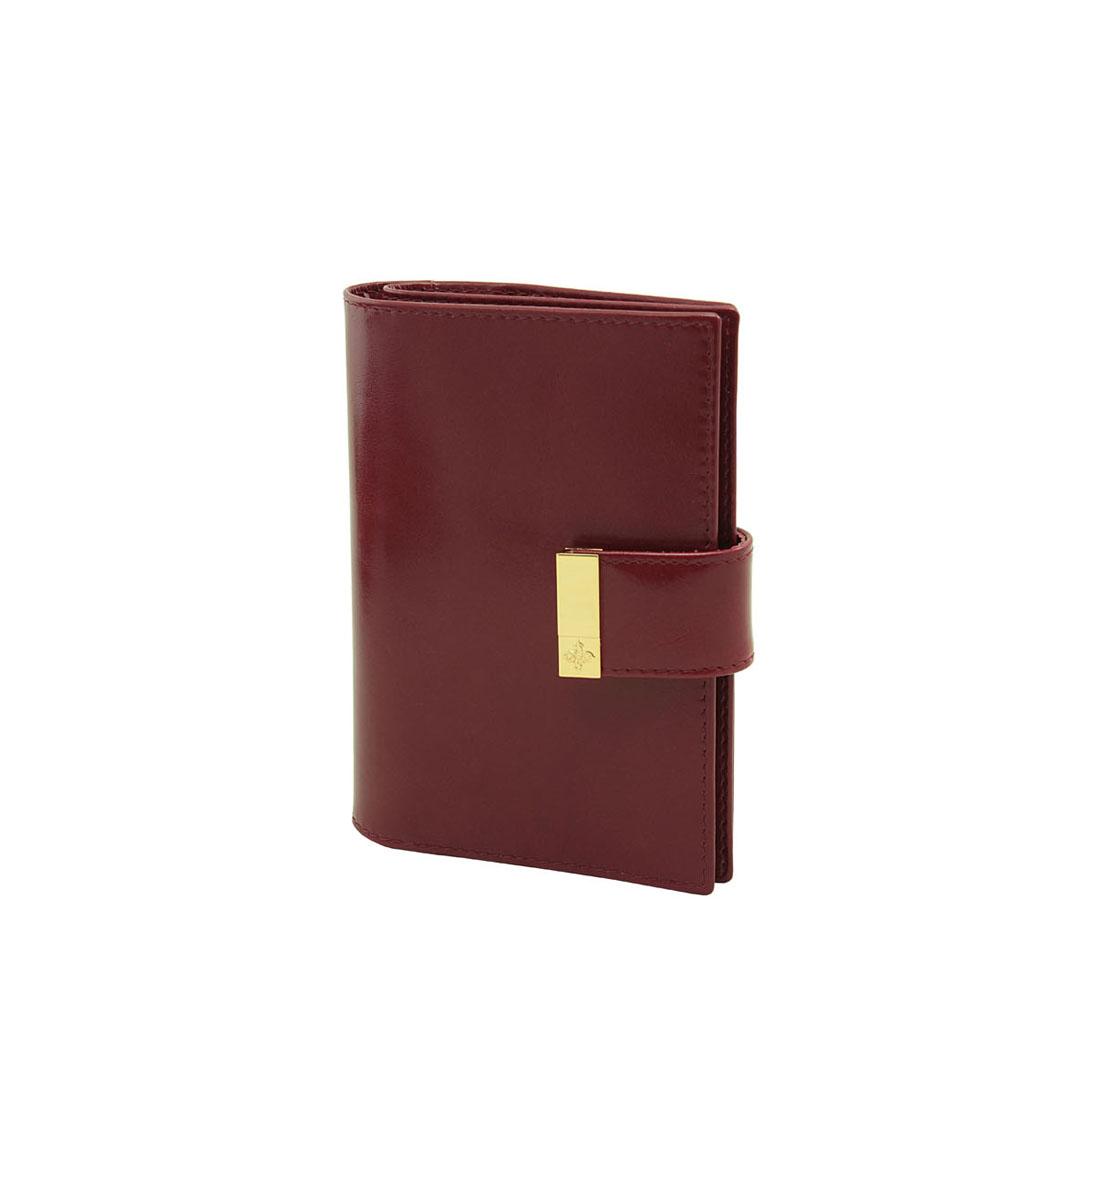 Бумажник водителя Dimanche Elite Гранат, с отделением для паспорта, цвет: бордовый. 151151Бумажник водителя Dimanche Elite Гранат изготовлен из натуральной кожи бордового цвета. Внутри содержится съемный блок из 5 прозрачных пластиковых файлов для автодокументов, 4 прорезных кармана для пластиковых карт, кармашек для сим- карты и потайной вертикальный карман для мелких бумаг. Имеется специальное отделение для паспорта. Закрывается бумажник на кнопку хлястиком на липучке с металлическим украшением. Стильный бумажник не только защитит ваши документы, но и станет стильным аксессуаром, подчеркивающим ваш образ. Изделие упаковано в фирменную коробку коричневого цвета с логотипом фирмы Dimanche.